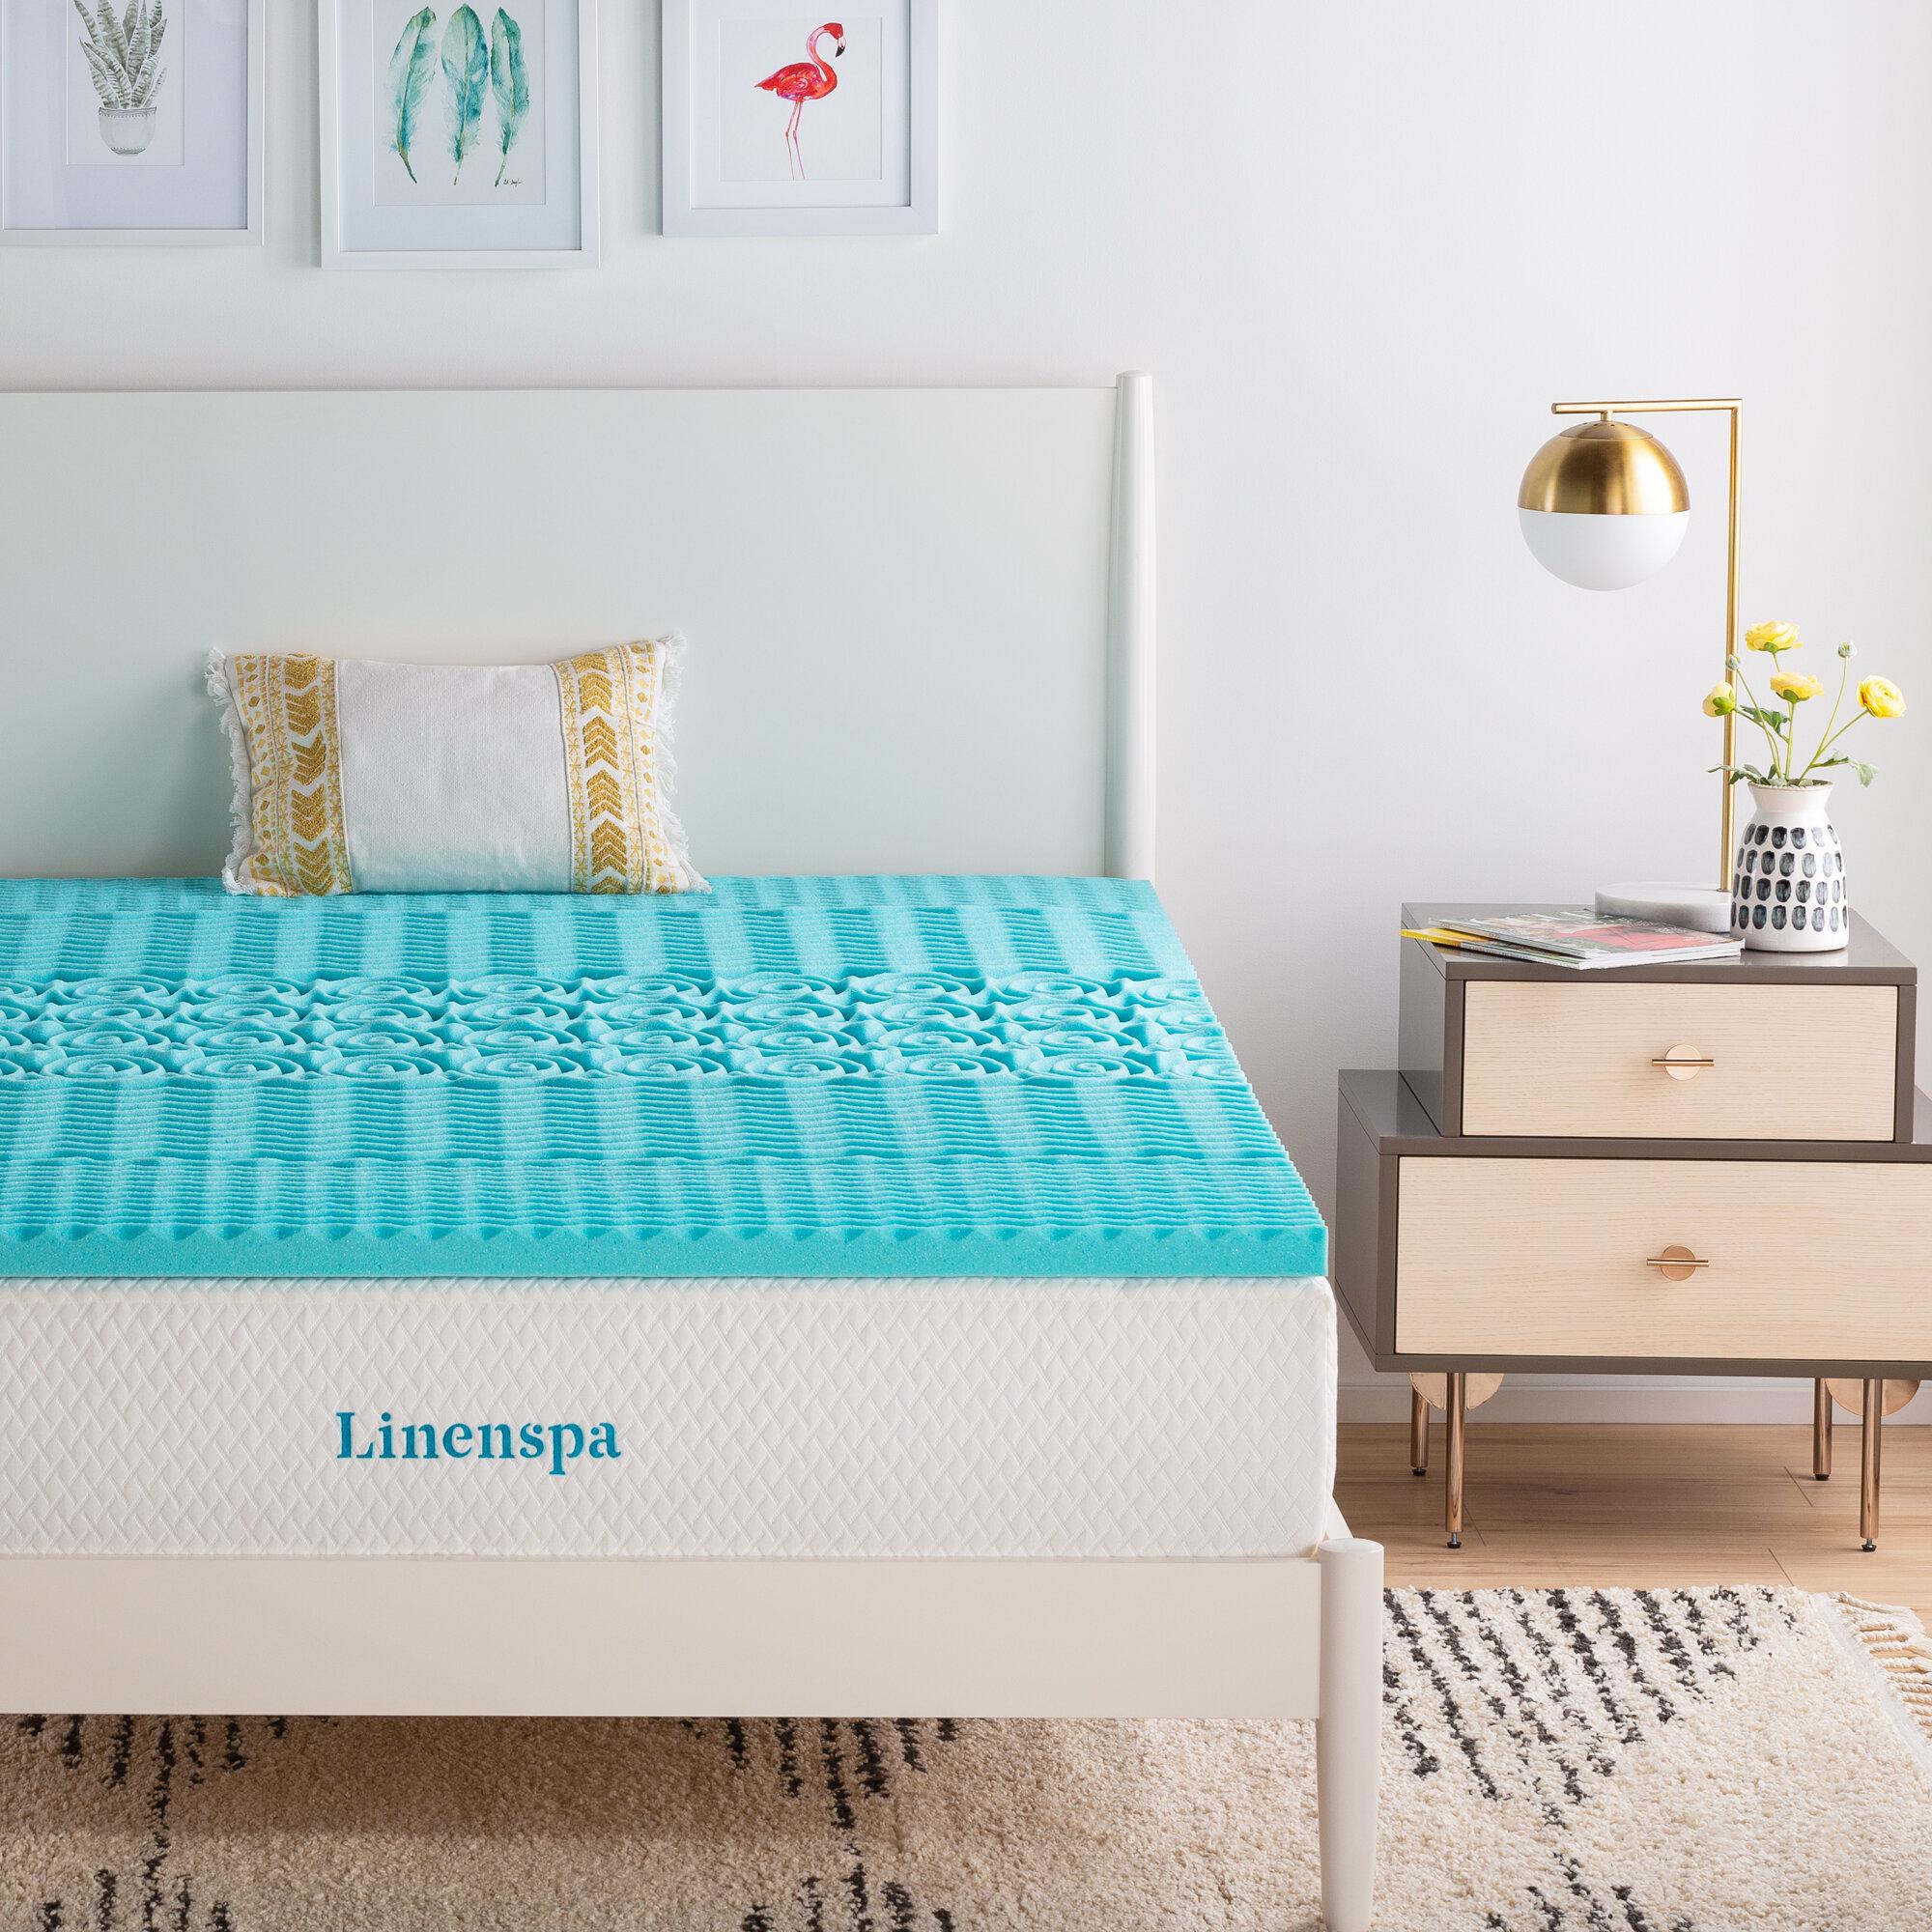 Linenspaessentials 2 Gel Memory Foam Mattress Topper Reviews